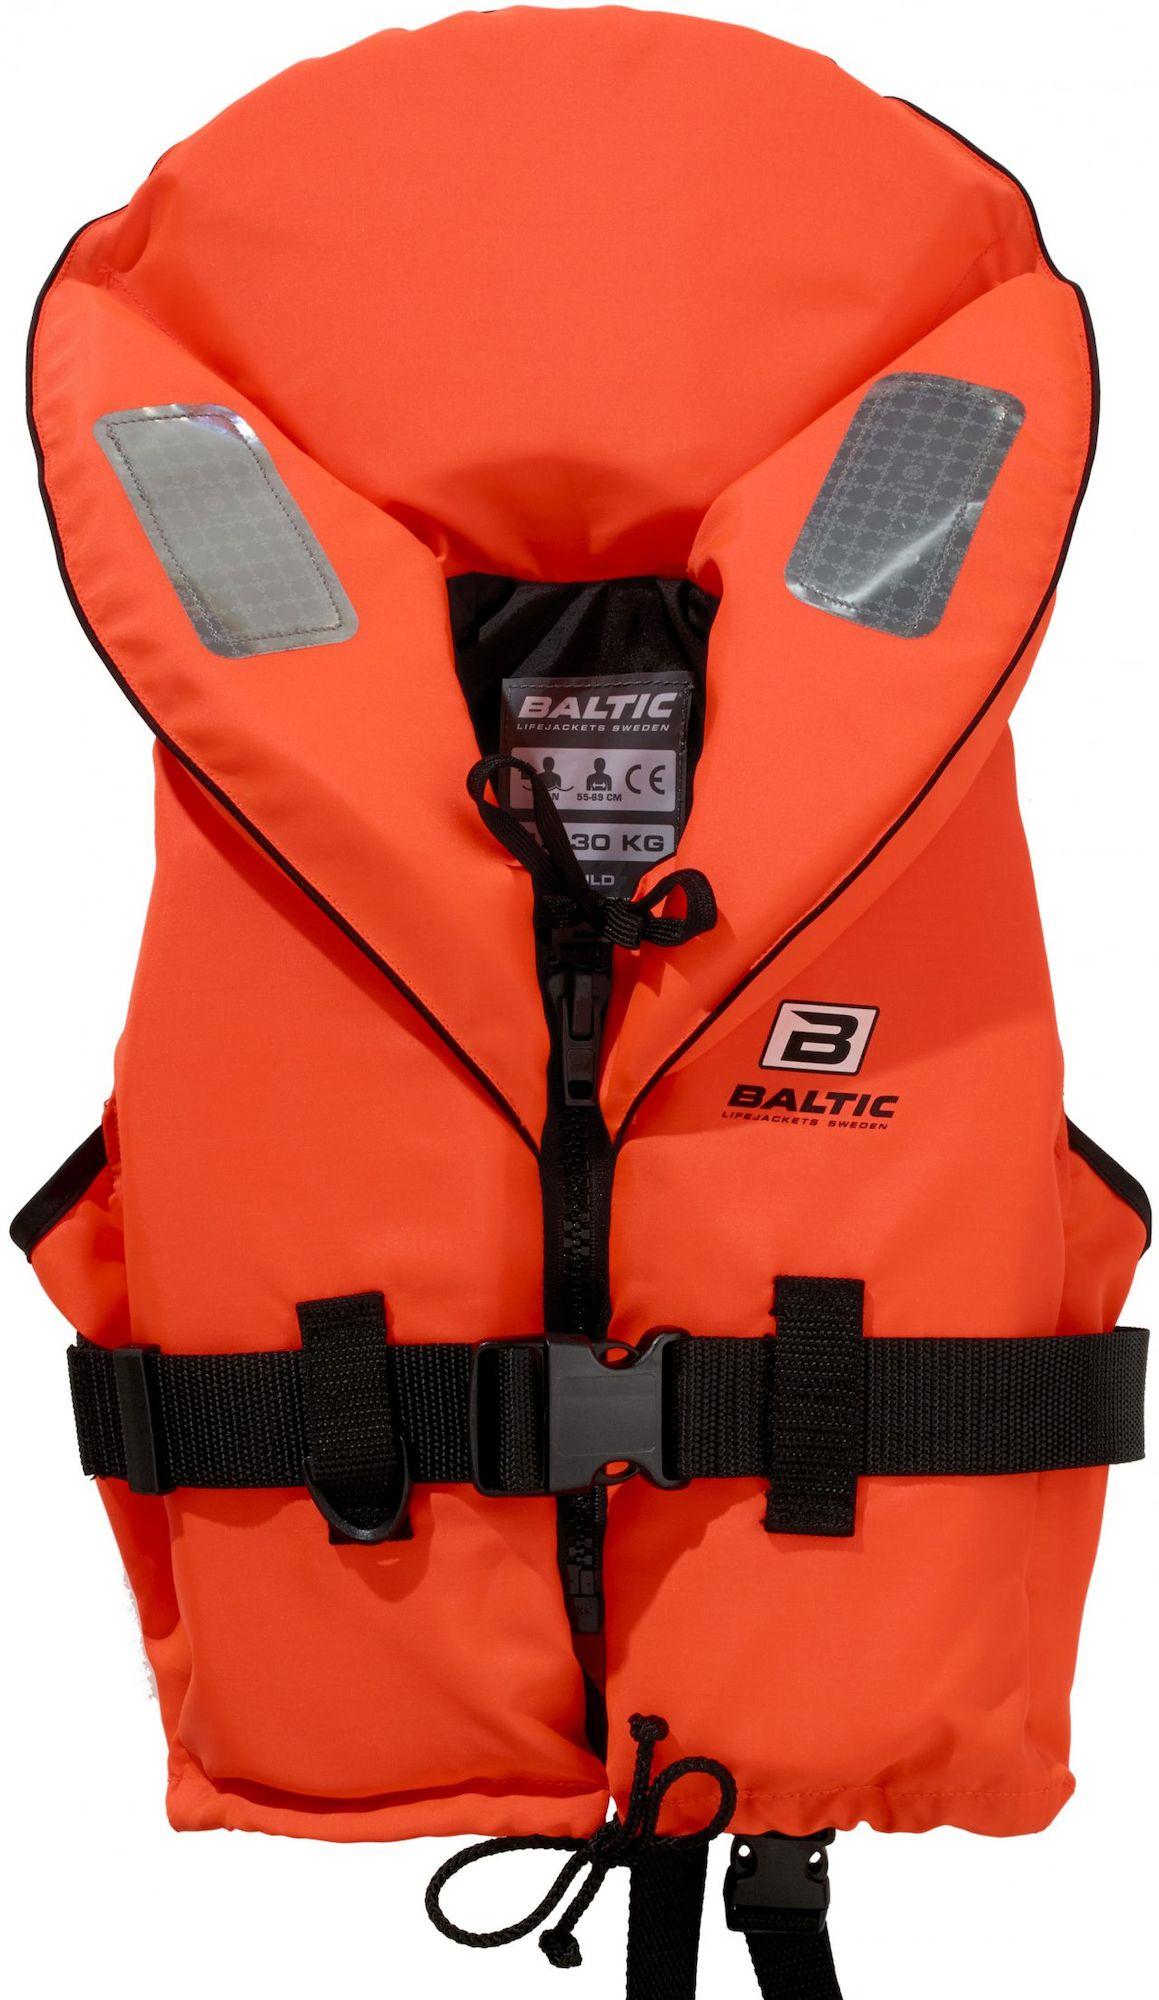 Baltic Skipper 30-40 kg, Oransje